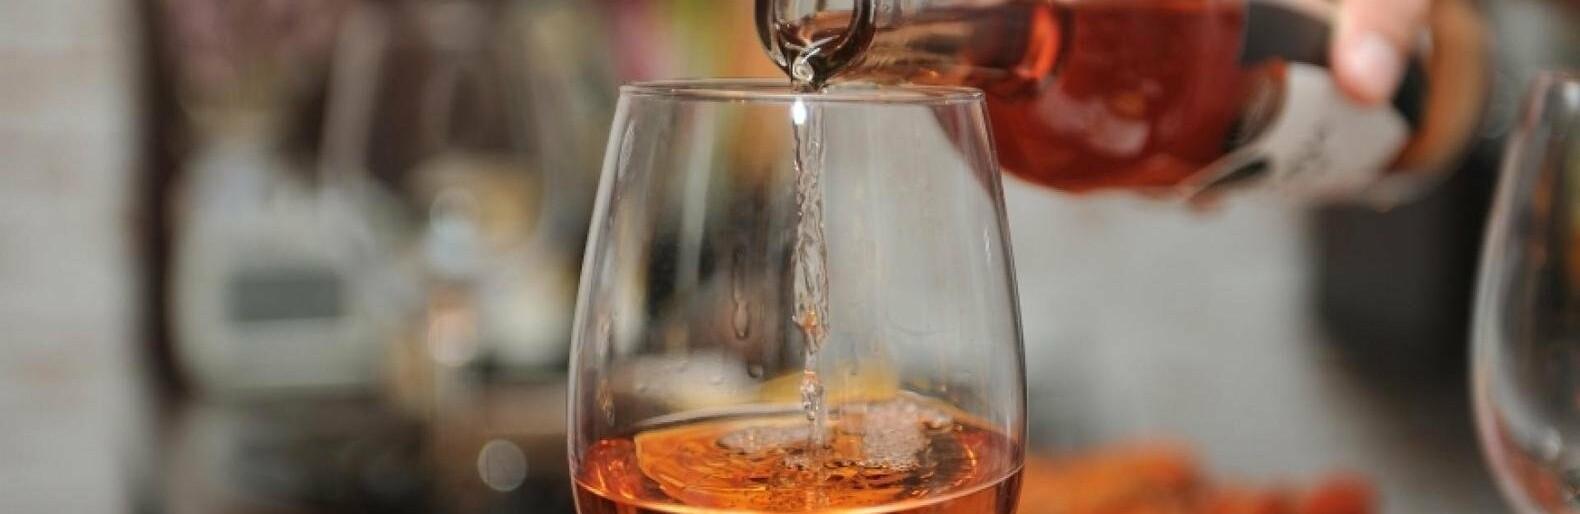 Алкоголь не зігріває - Супрун розвінчує нові міфи